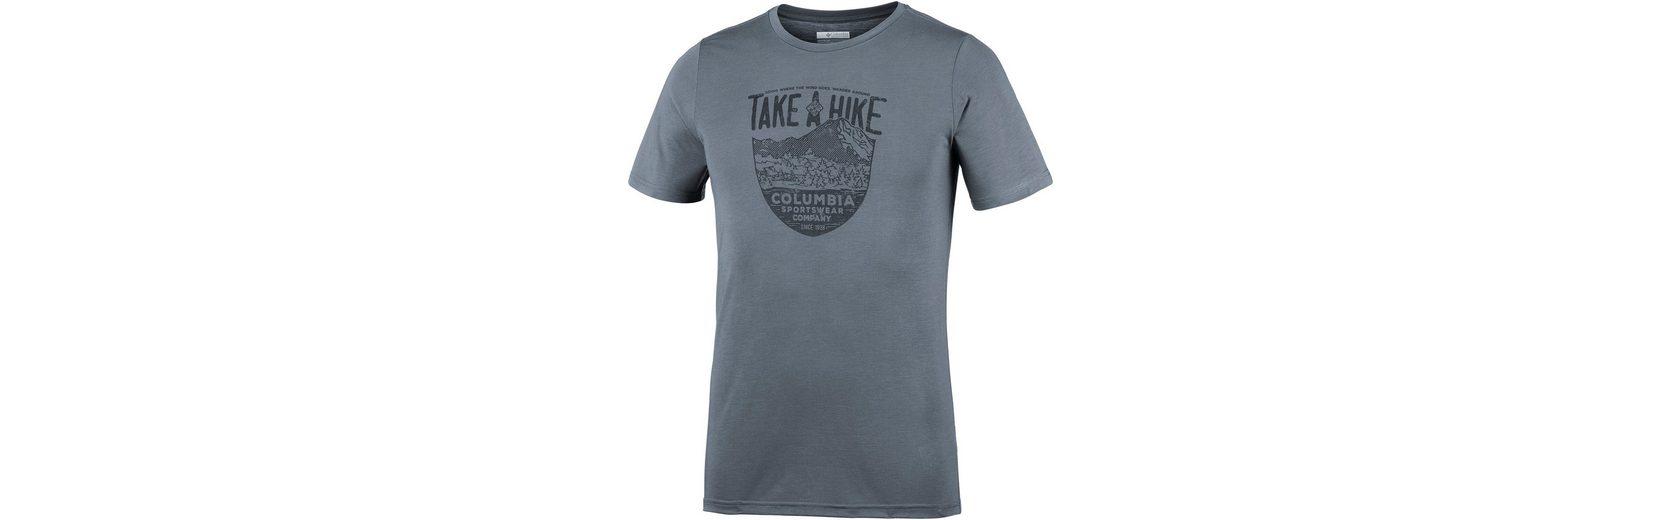 Columbia T-Shirt Laney Hill SS Tee Men Günstig Kaufen Breite Palette Von Rabatt Besuch yQhWOVWK